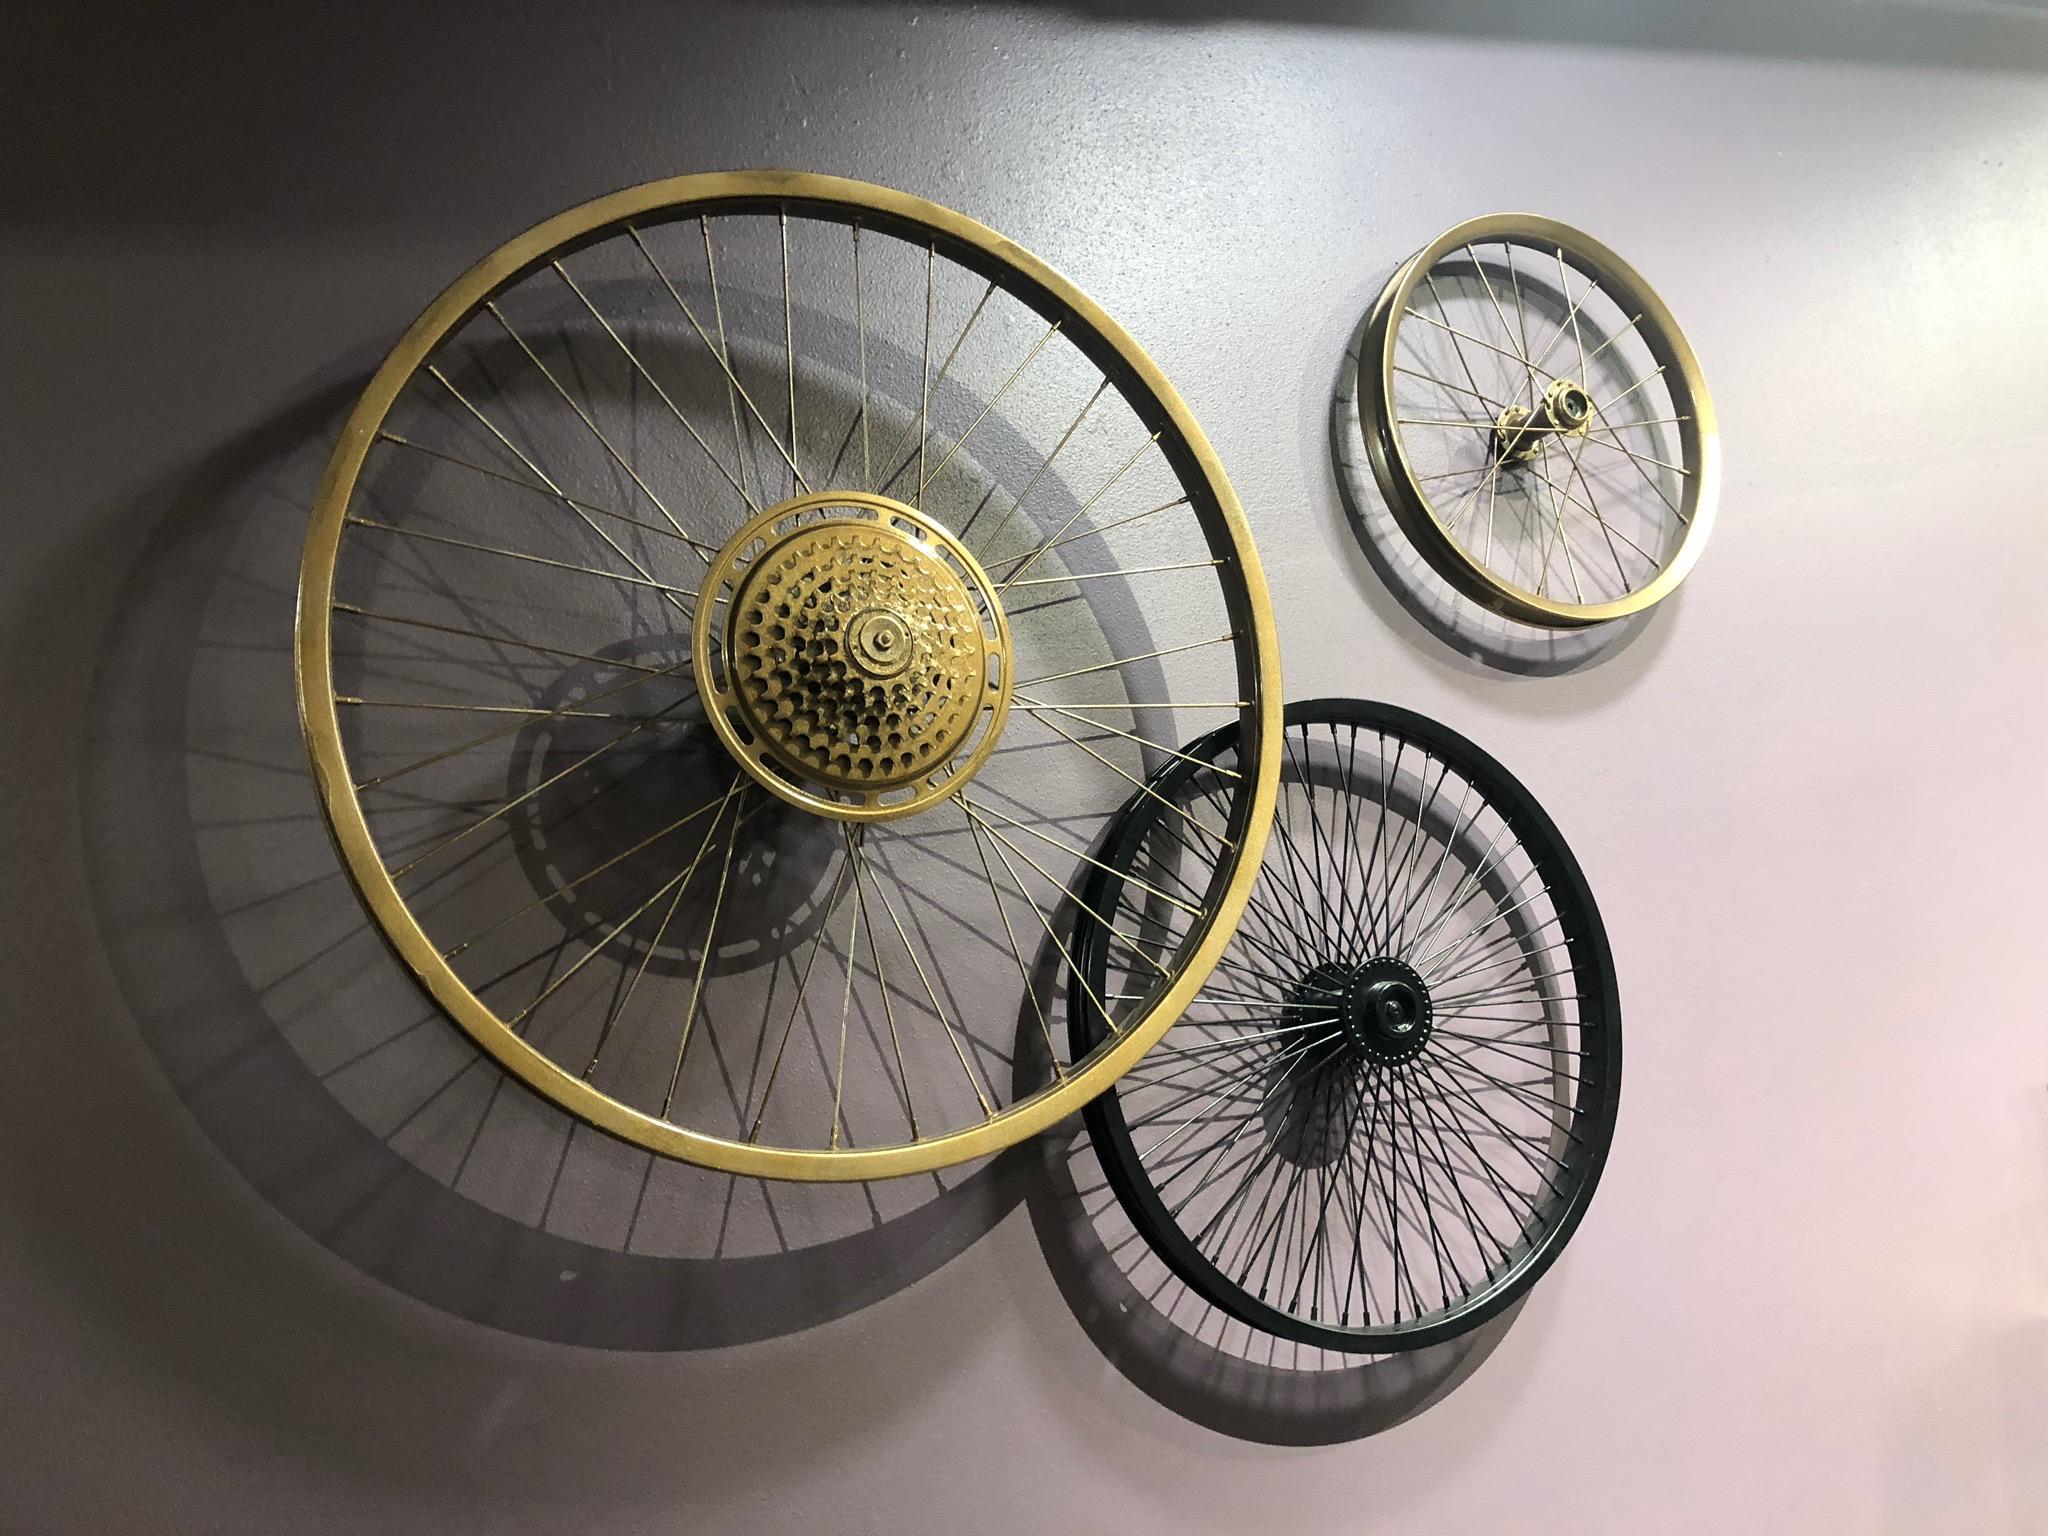 Images: Bike Wheel Wall Art taken by Scribe 04jan45